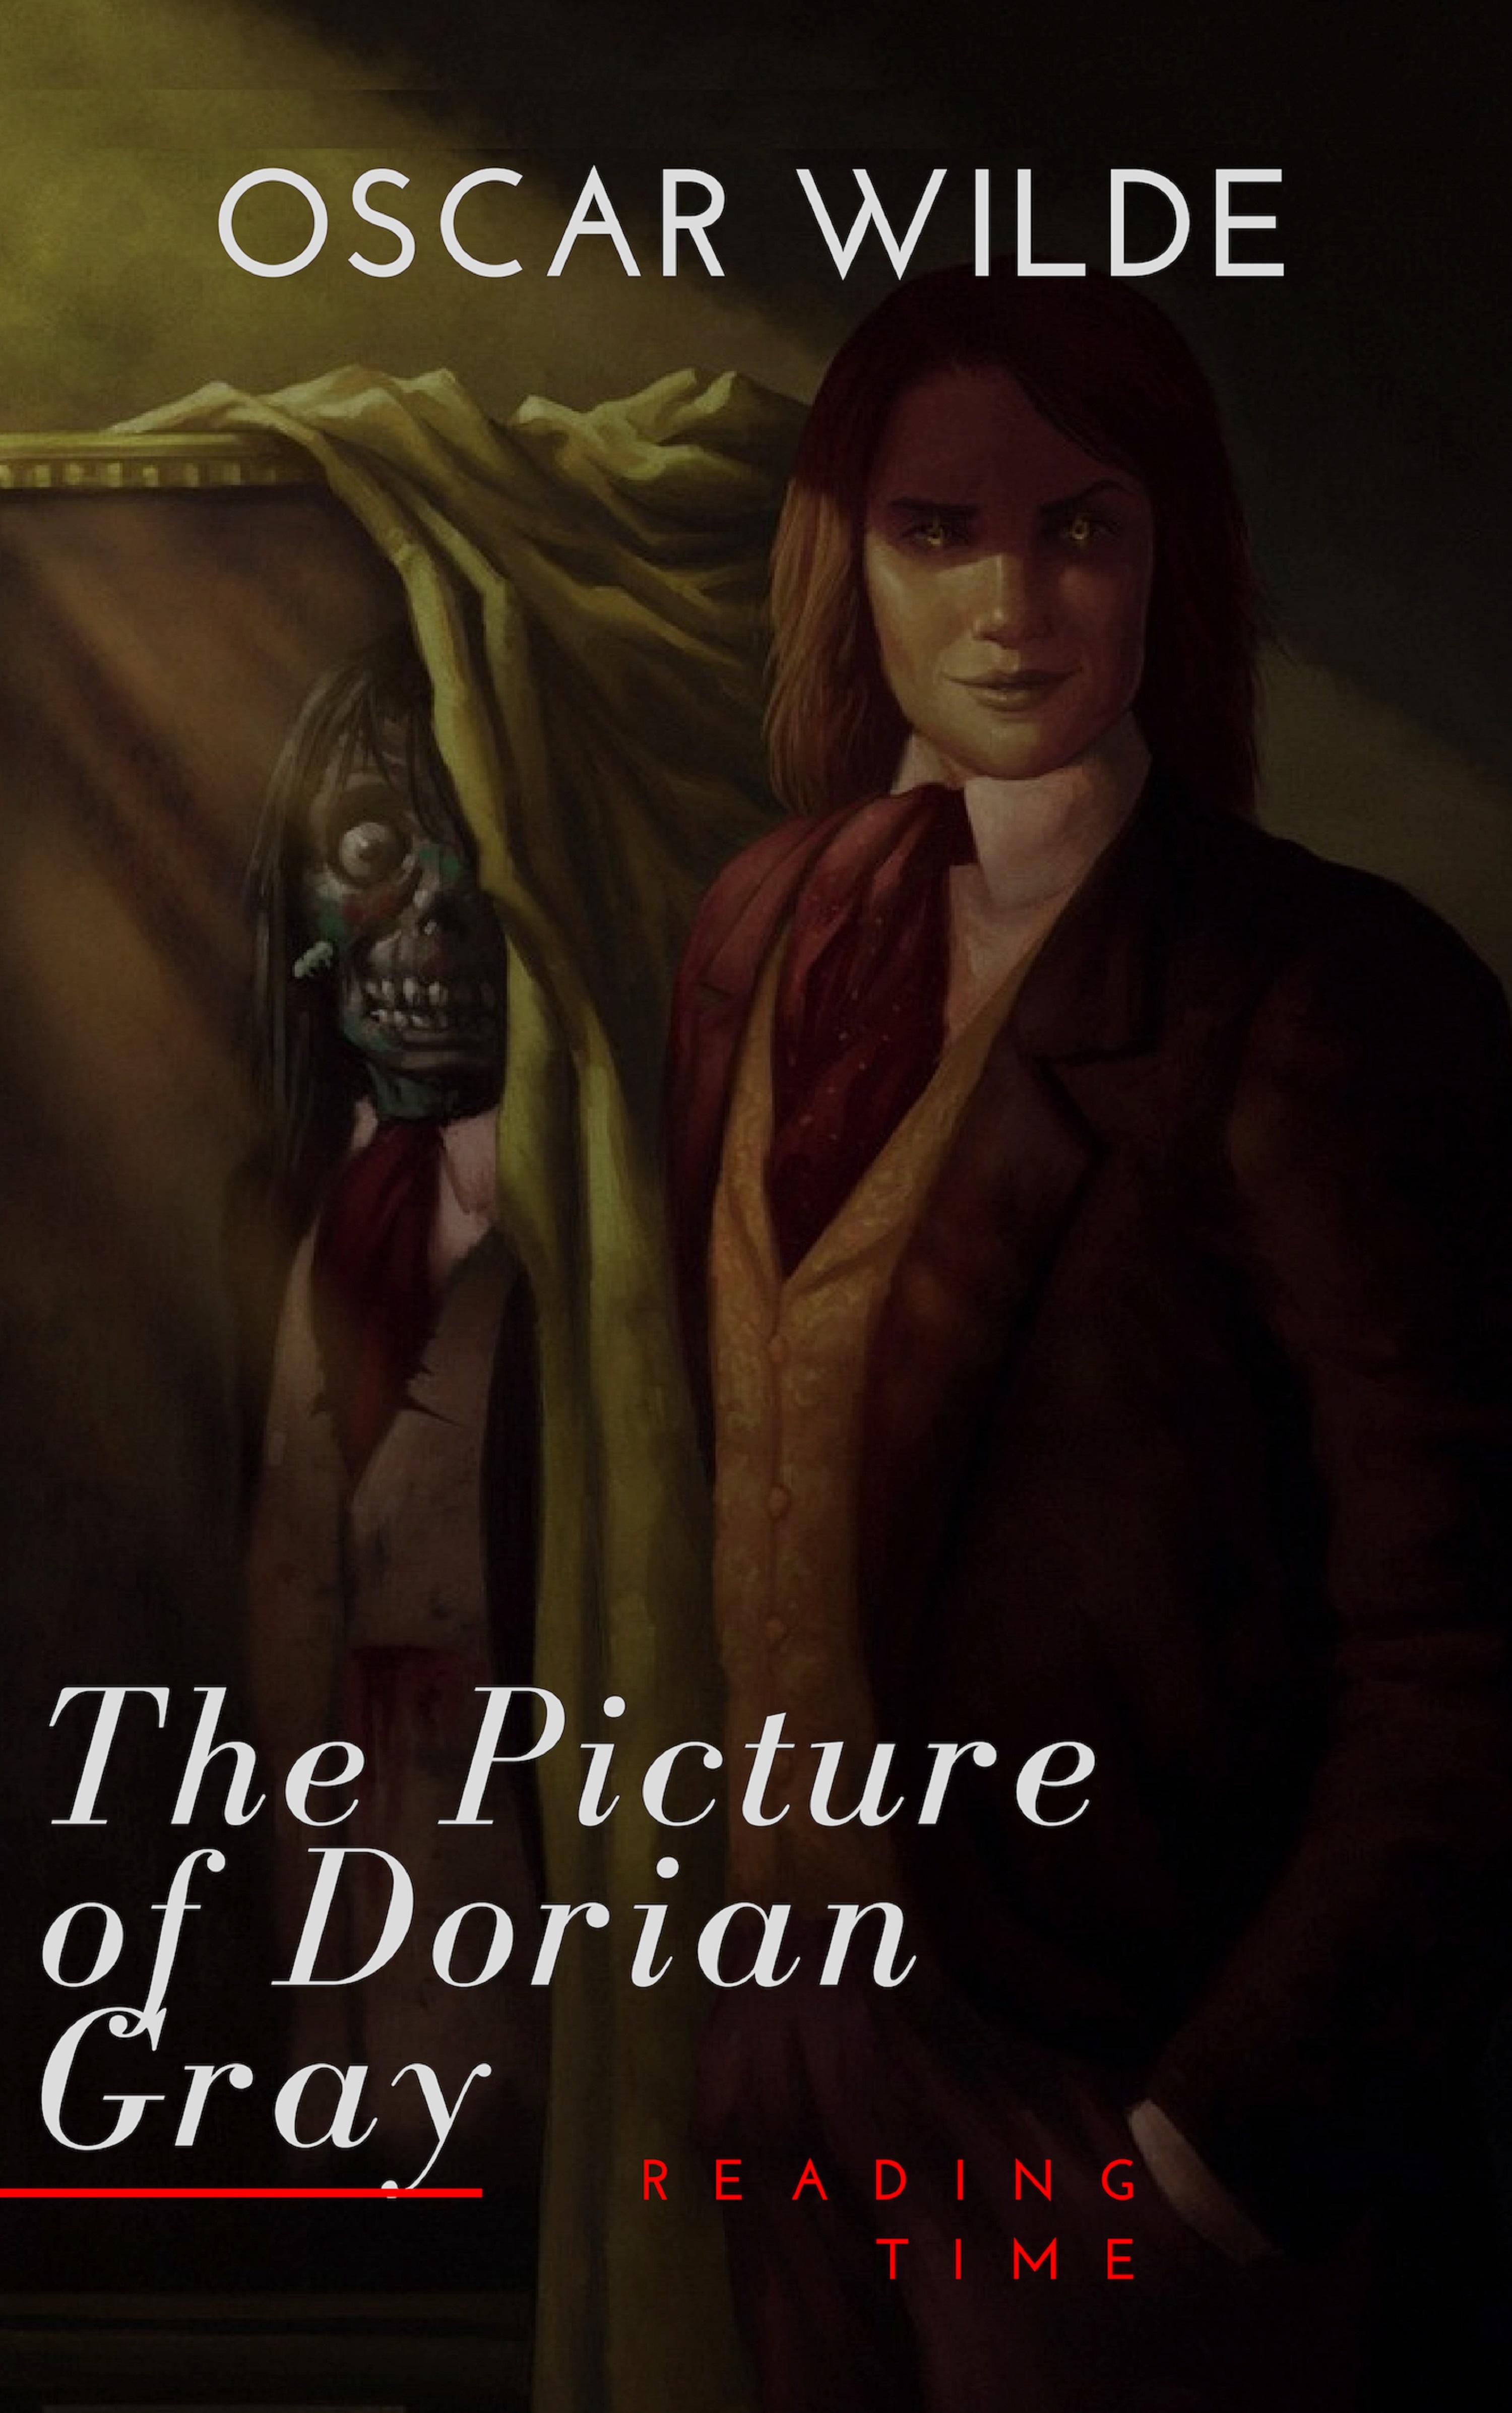 Оскар Уайльд The Picture of Dorian Gray оскар уайльд the picture of dorian gray portret doriana graya w wersji do nauki angielskiego